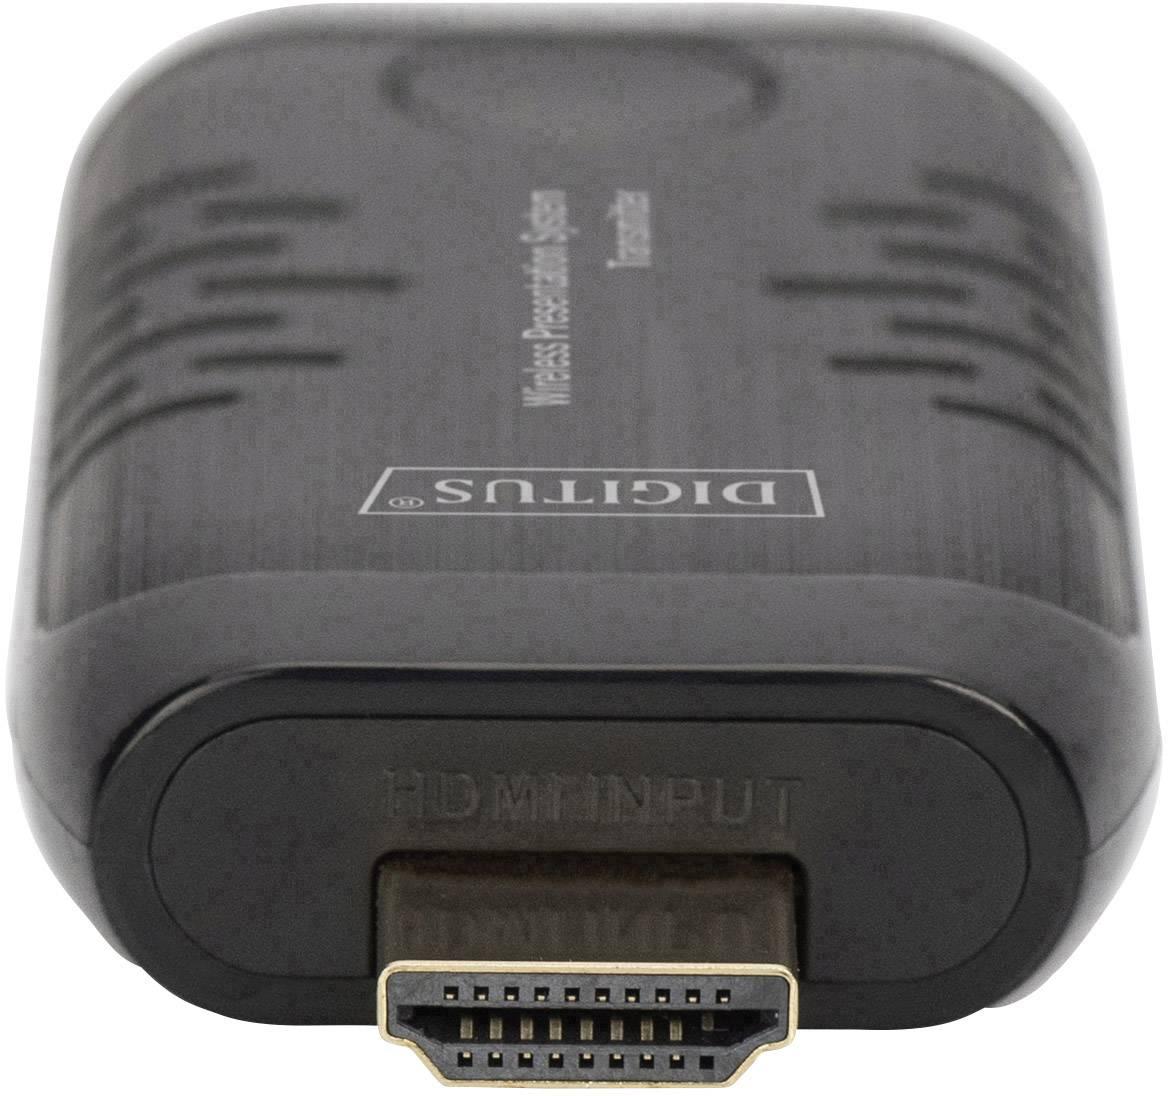 Digitus DS-55307 HDMI naprava za brezžični prenos (oddajnik) 30 m 60 Hz 1920 x 1080 piksel hd avdio, vgrajeni LED zaslon